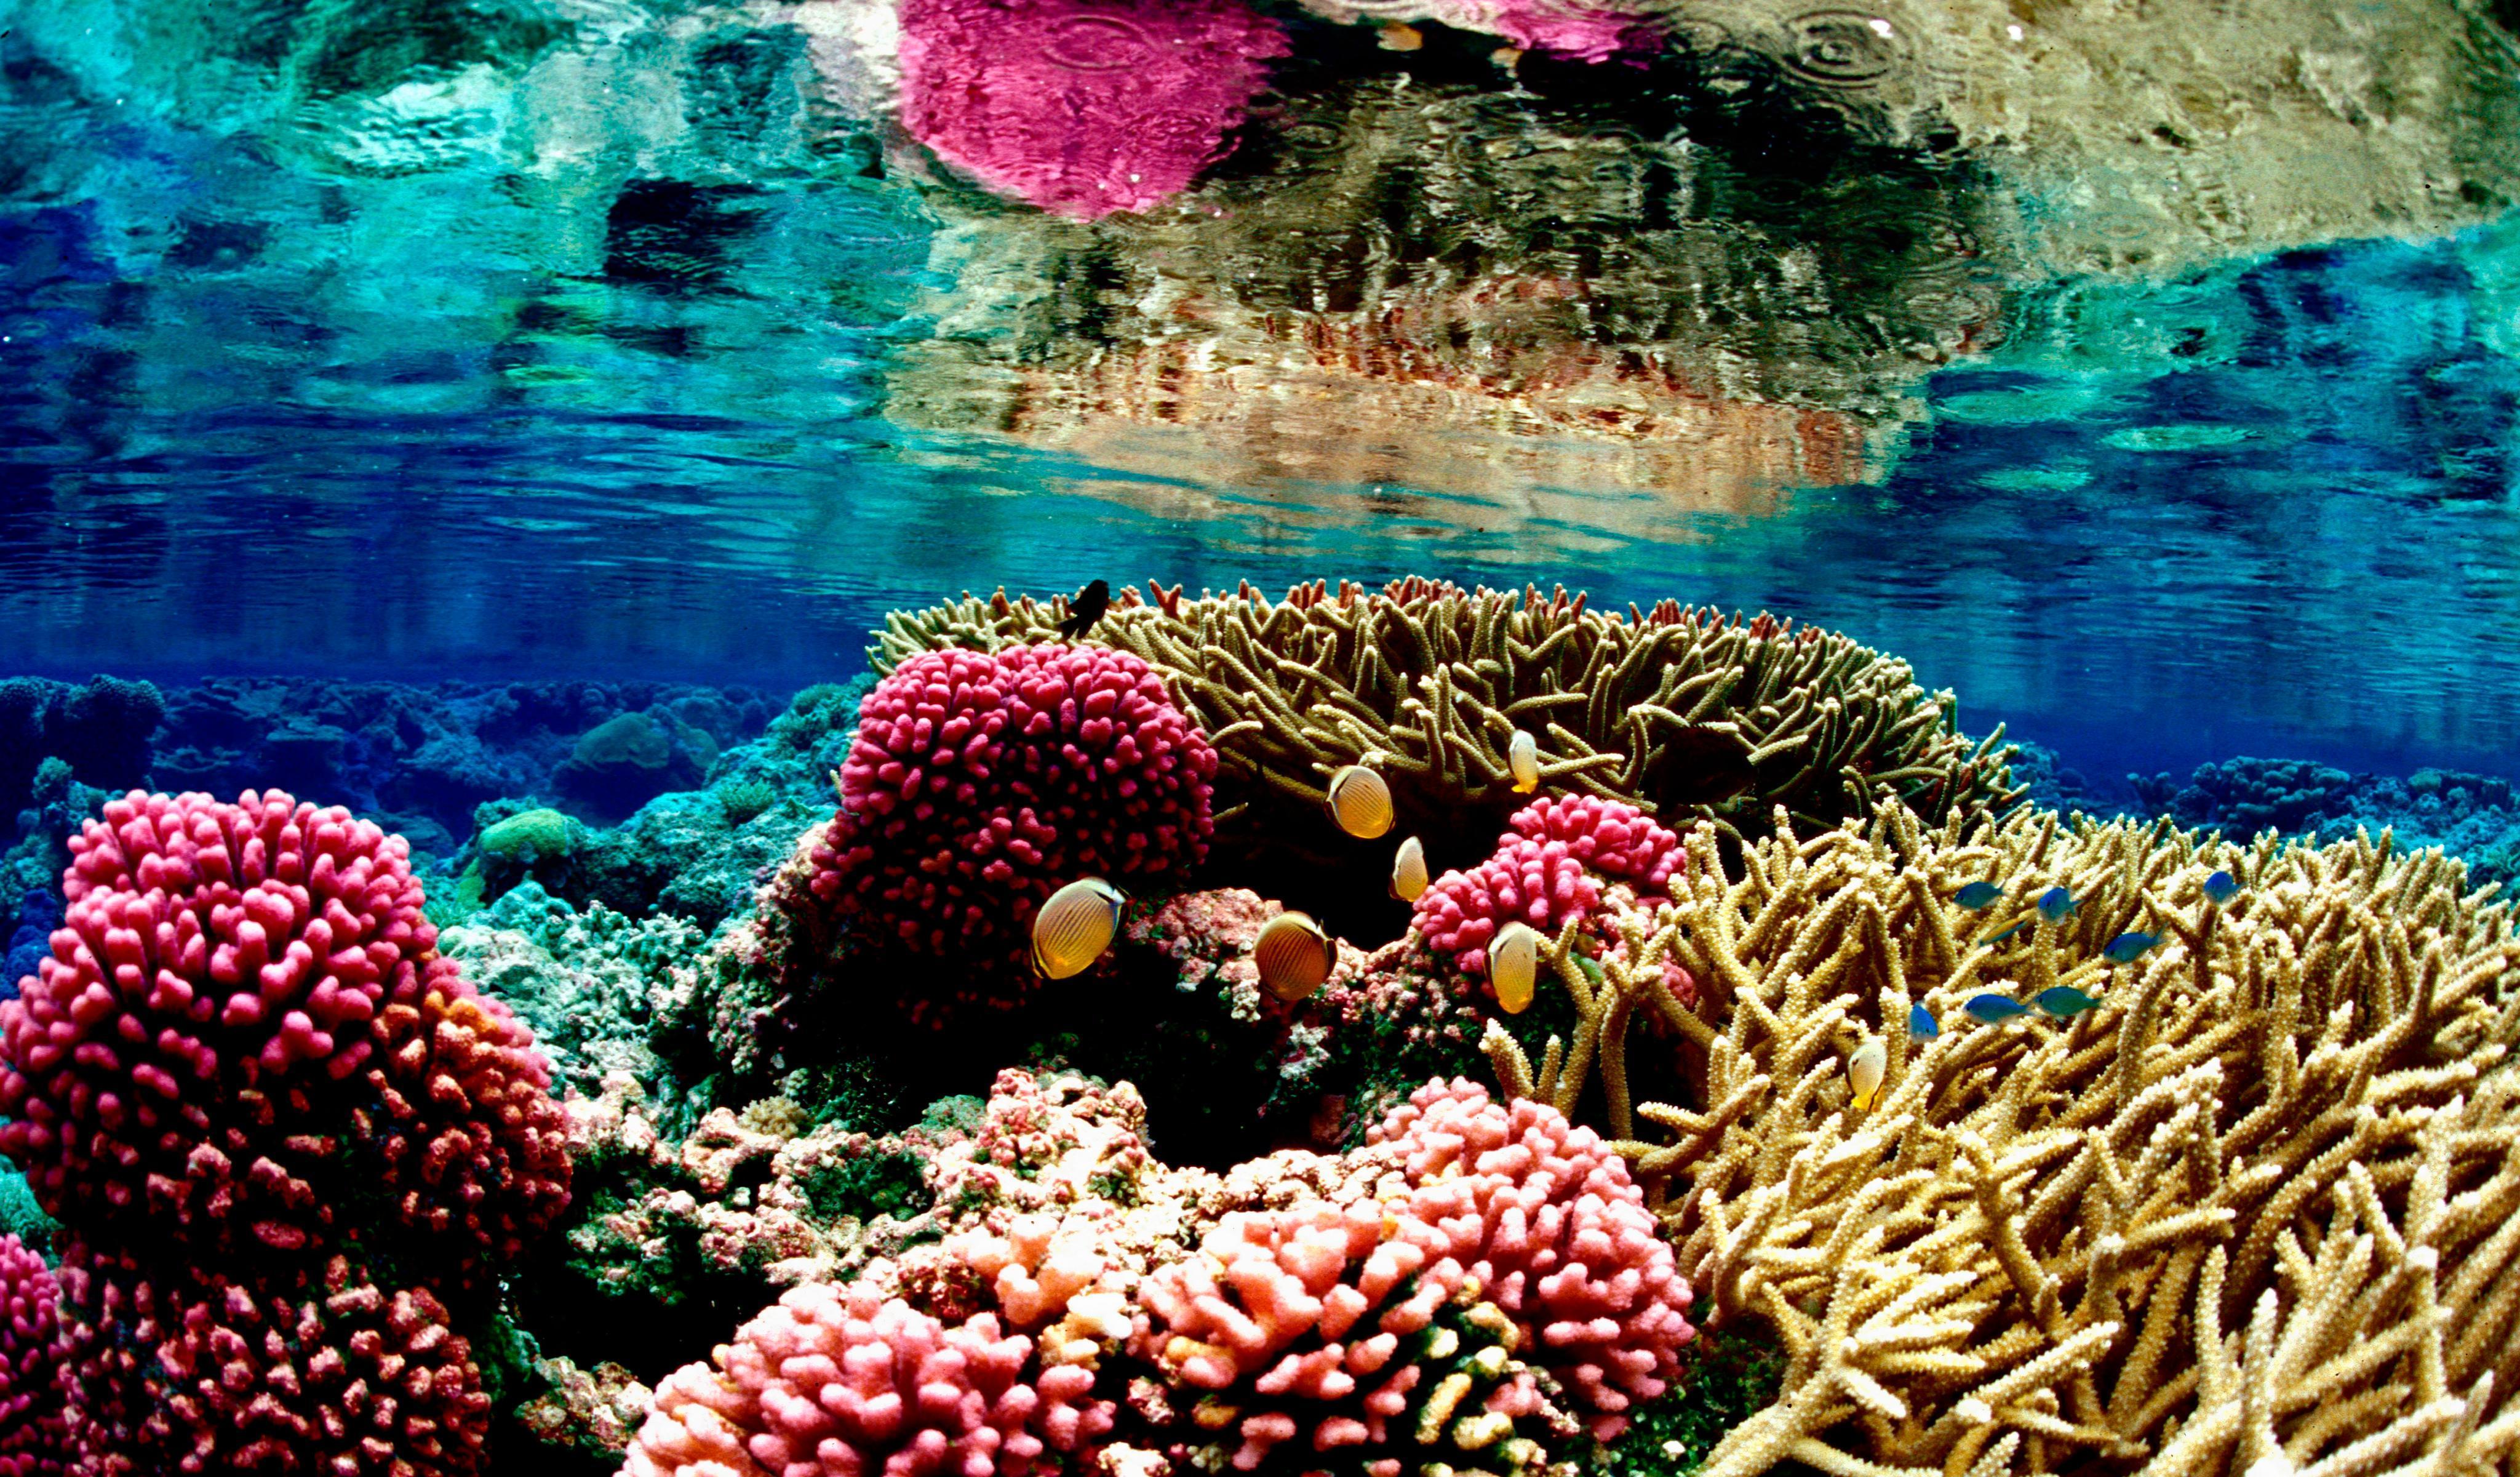 Coral Reef 4k Wallpapers Top Free Coral Reef 4k